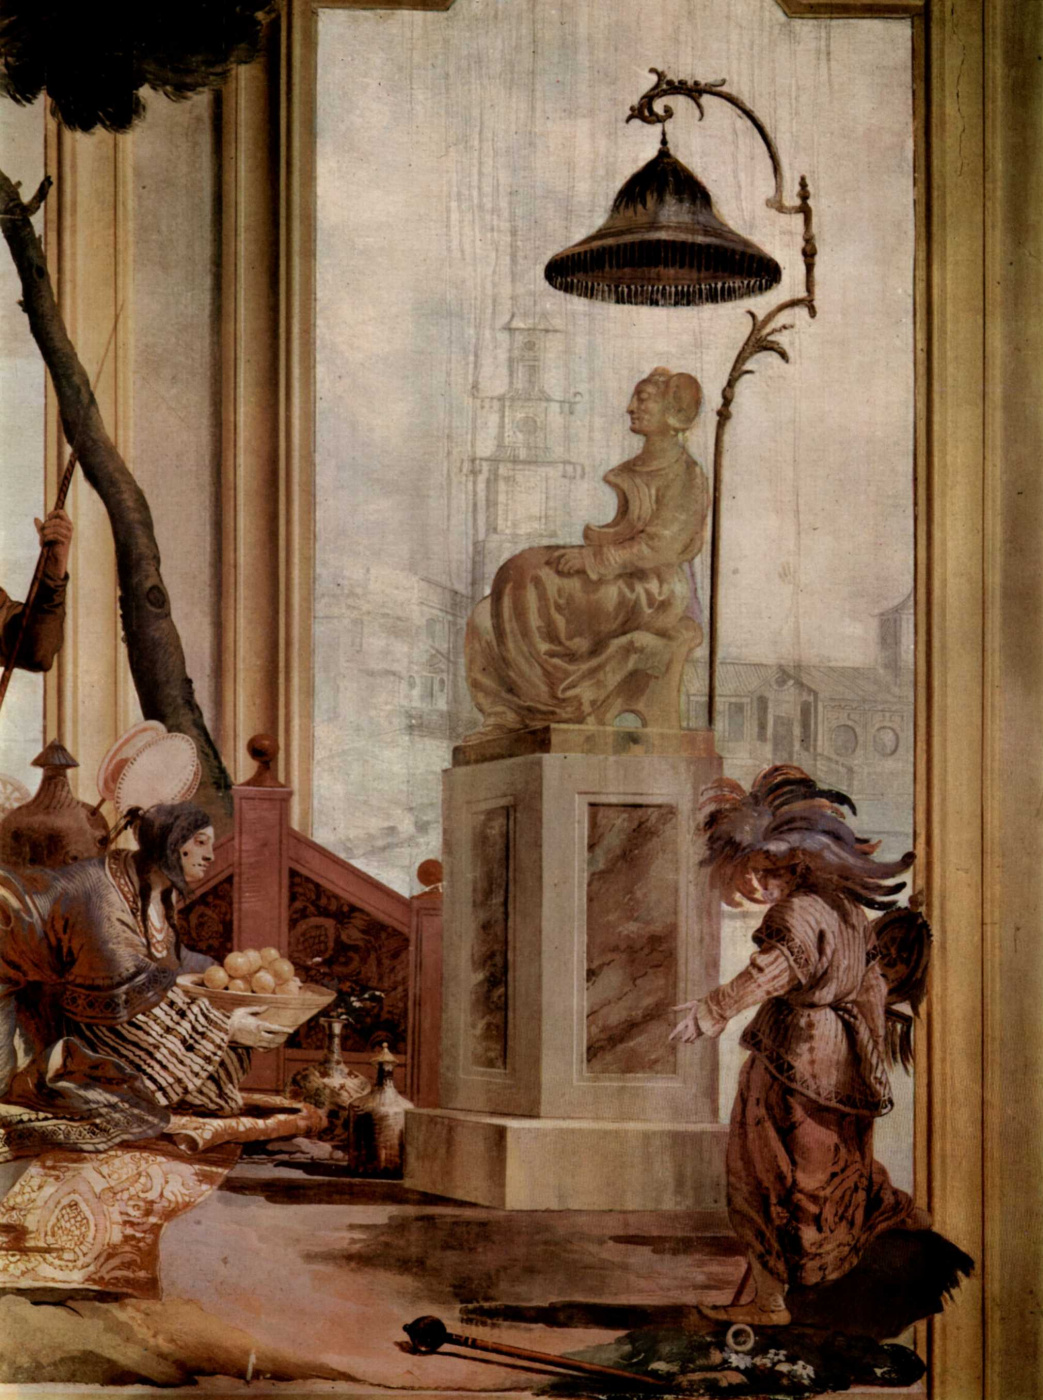 Giovanni Domenico Tiepolo. The frescoes of Villa Valmarana in Vicenza. The goddess of the moon fruit